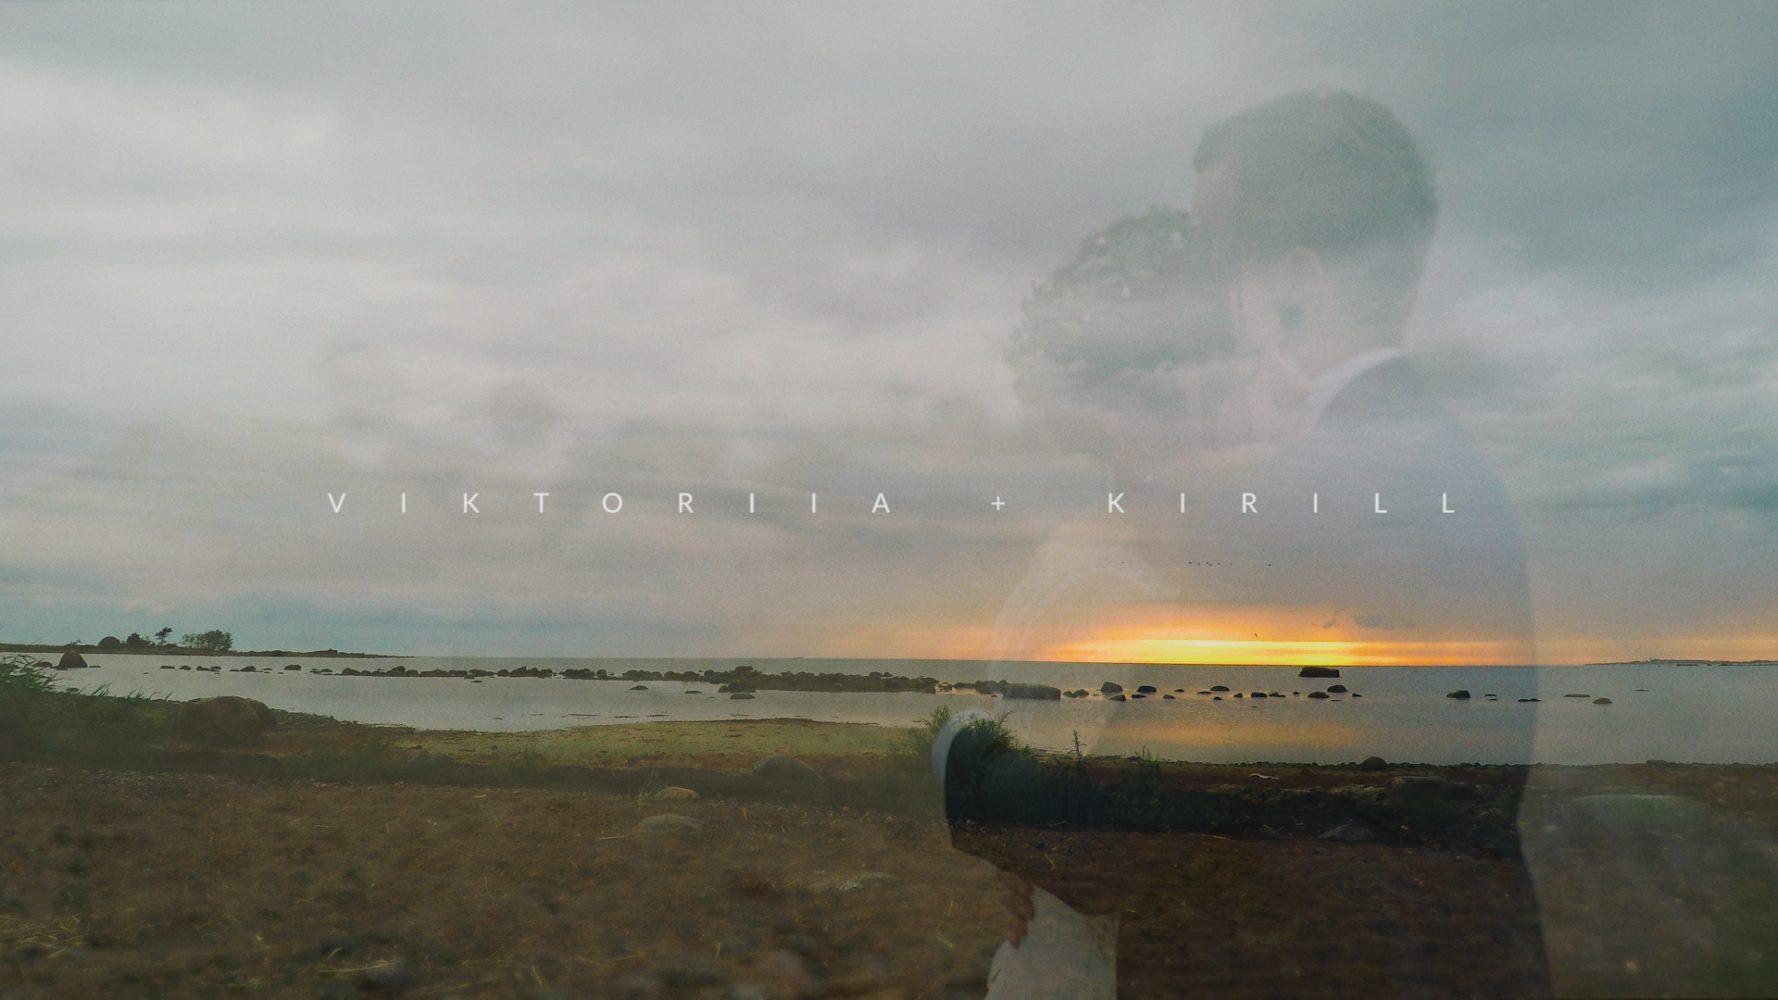 Viktooria + Kirill | Estonia Lahemaa Harjumaa